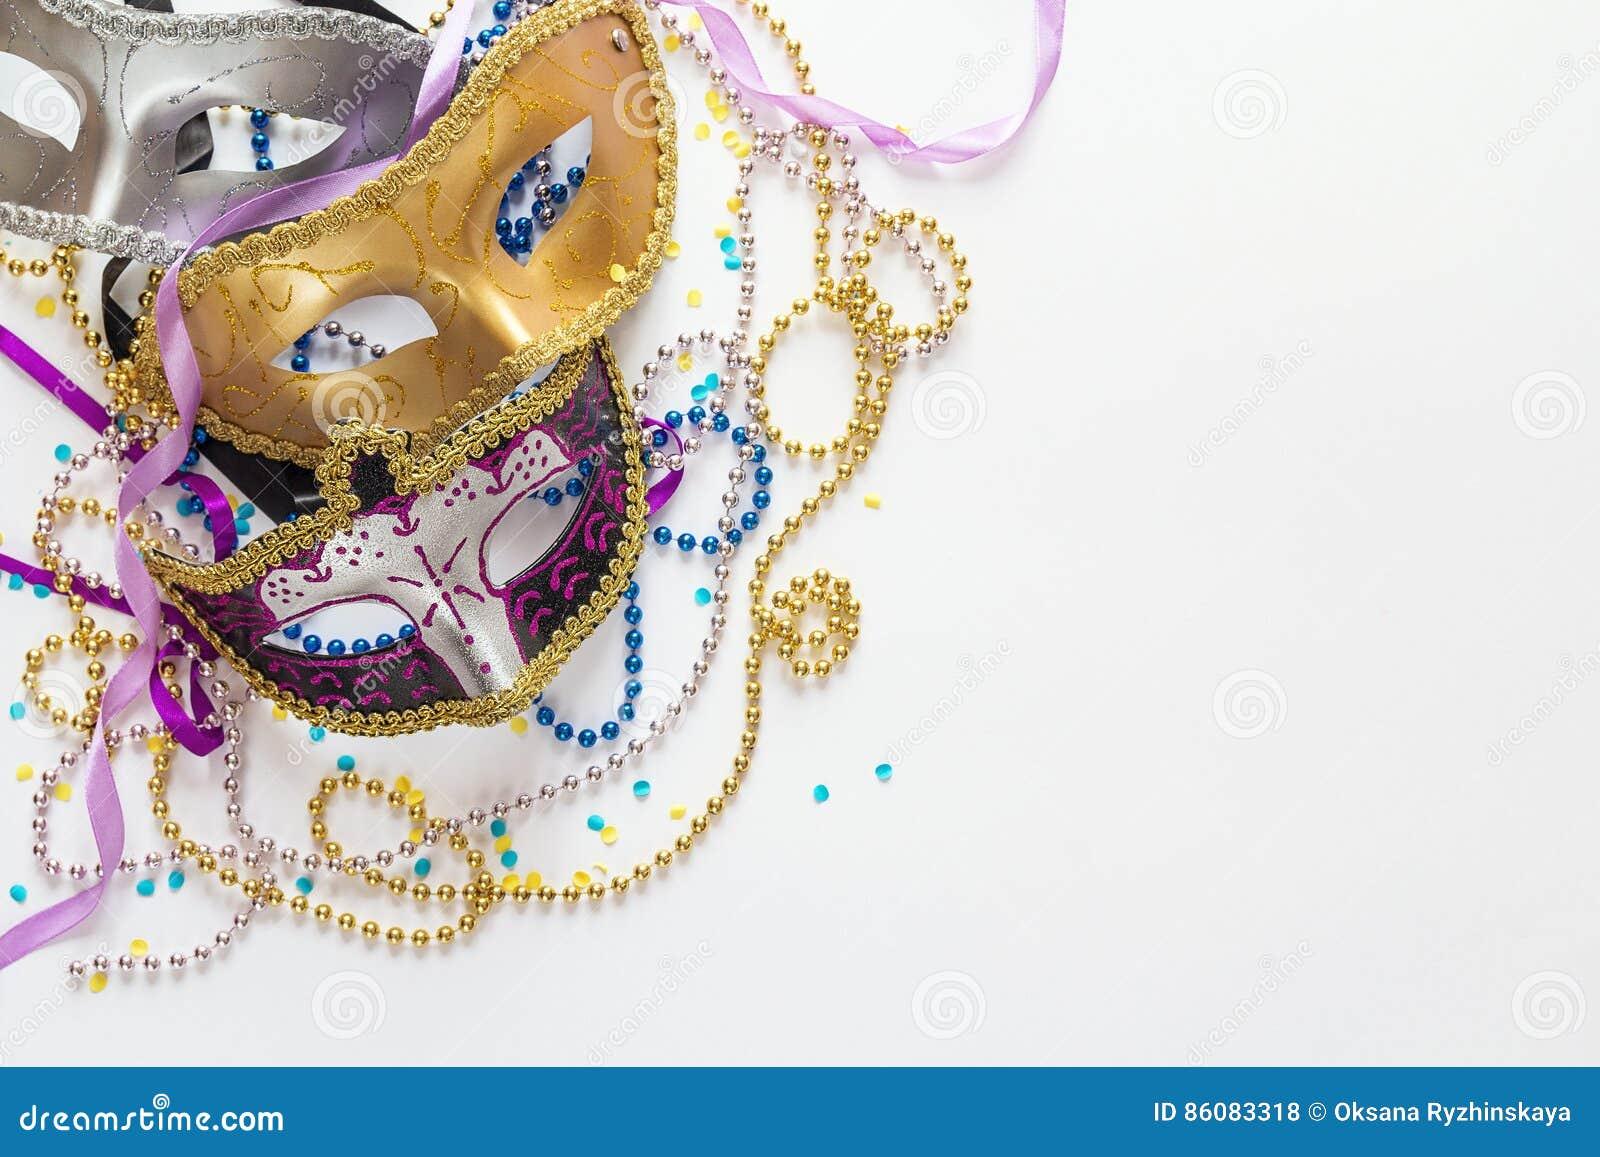 Fondo De Mardi Gras Con Las Máscaras, Las Gotas Y El Espacio De La ...